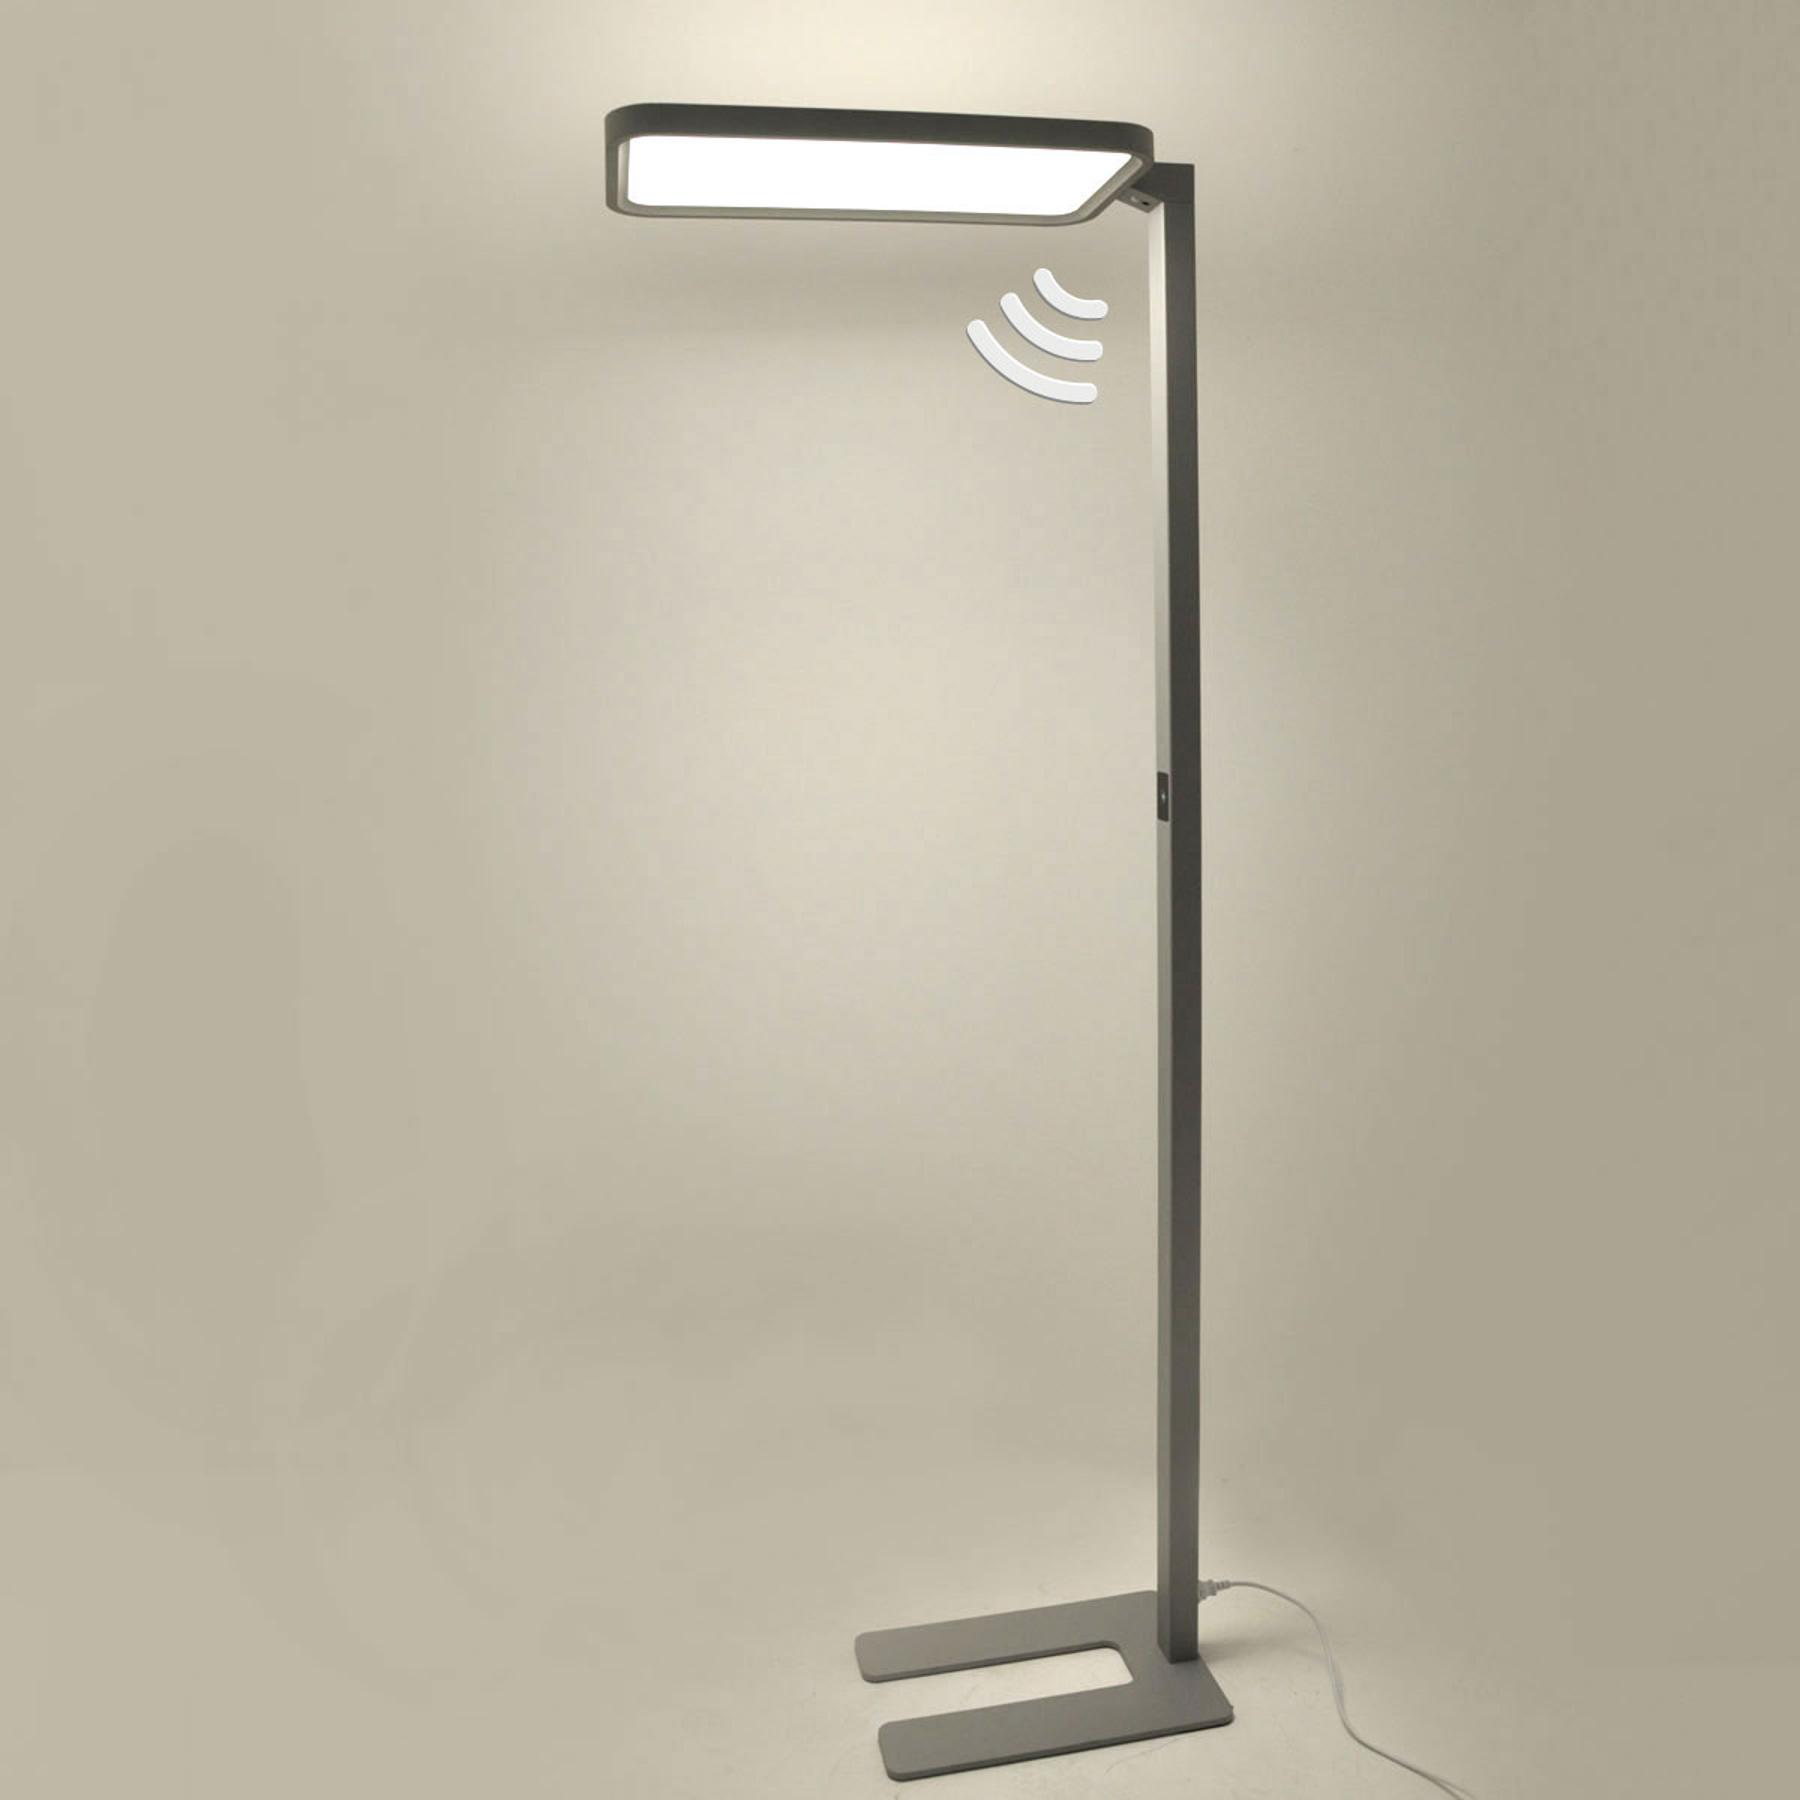 Lampa stojąca LED Matthis, ściemniacz i czujnik